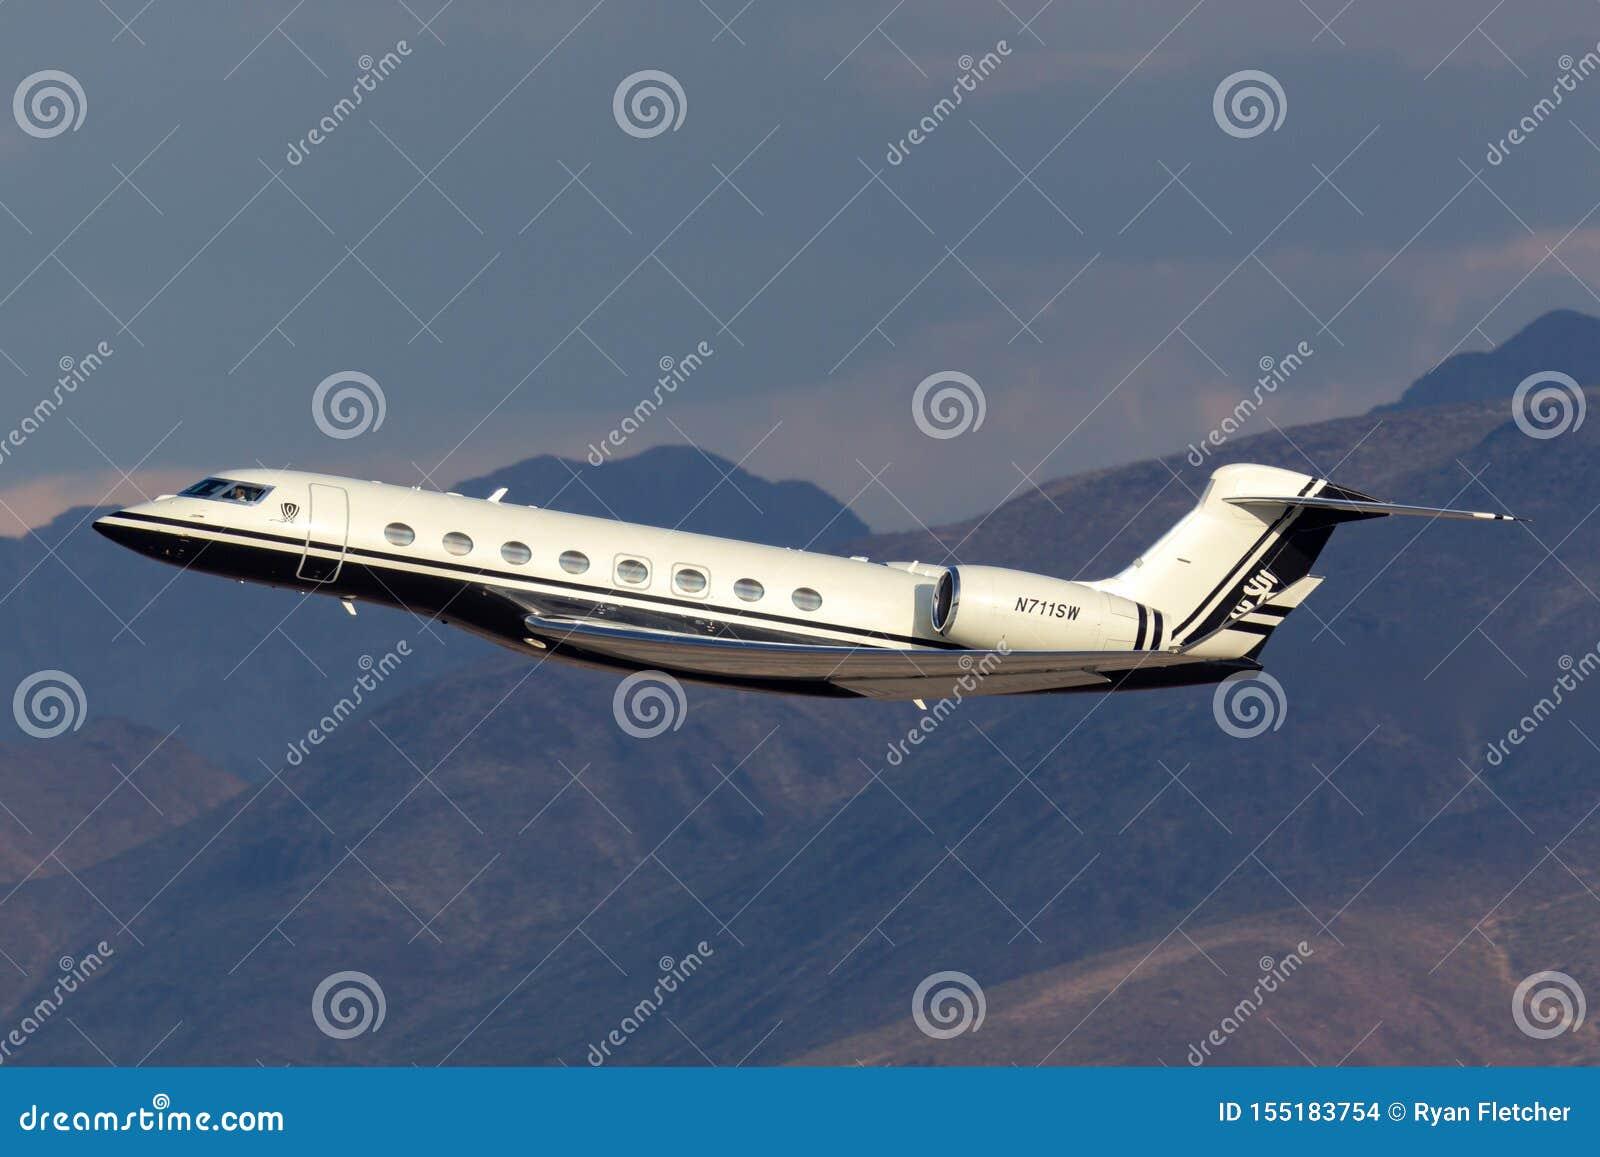 Jet de lujo del negocio de la gama larga de Gulfstream G650 poseído por el aeropuerto internacional de salida Las Vegas de Steve